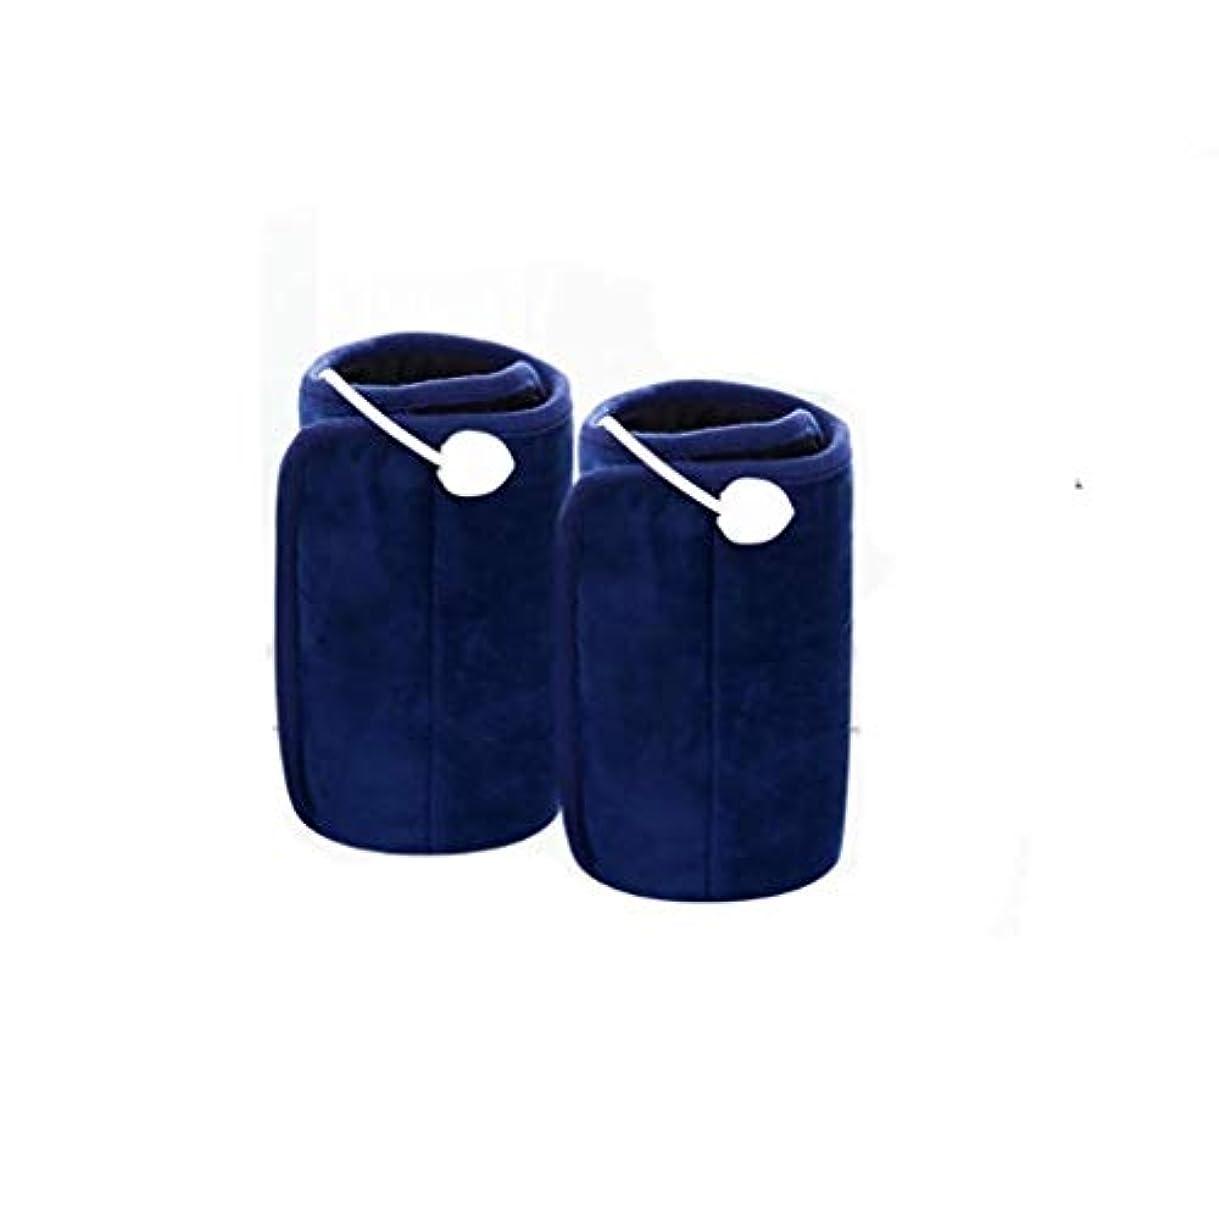 ダイヤル会話型眉電気膝パッド、温かい古い膝、携帯式膝加熱、360°oxi温かい家庭用スマート温度調整